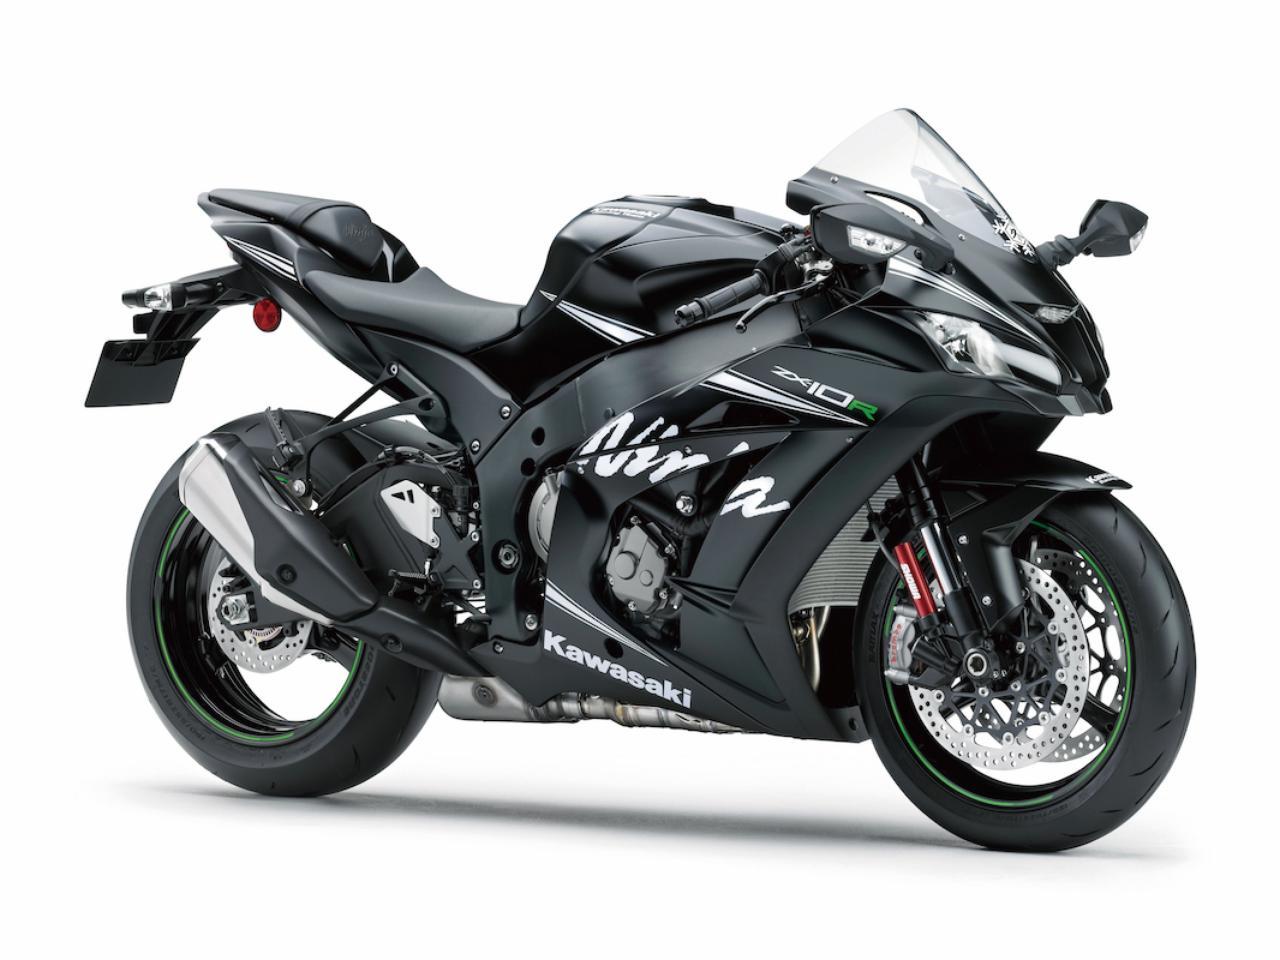 画像: K006 KAWASAKI ZX-10R ABS ■価格:220万8600円 2016年モデルで5年ぶりにフルモデルチェンジ。エンジンはスーパーバイクレーサーのノウハウを活かしてパワフルに進化。トラクションコントロールやエンジンブレーキコントロール、ABSなどの電子制御デバイスも大きくアップデート。